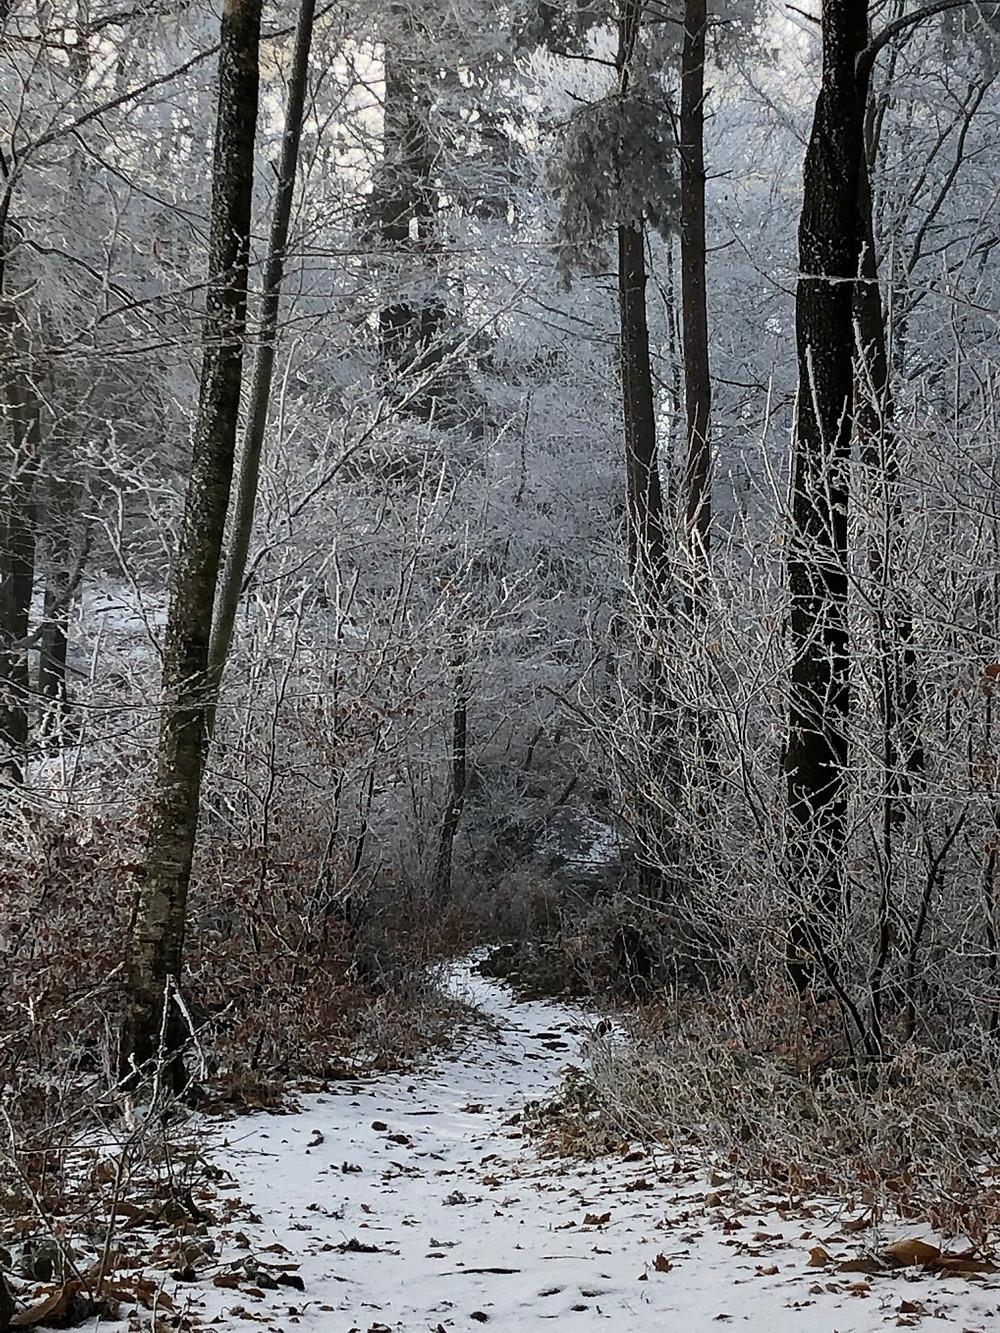 Winterstimmung im Pfälzer Wald / Wintry sceen in the Pfalz Forest